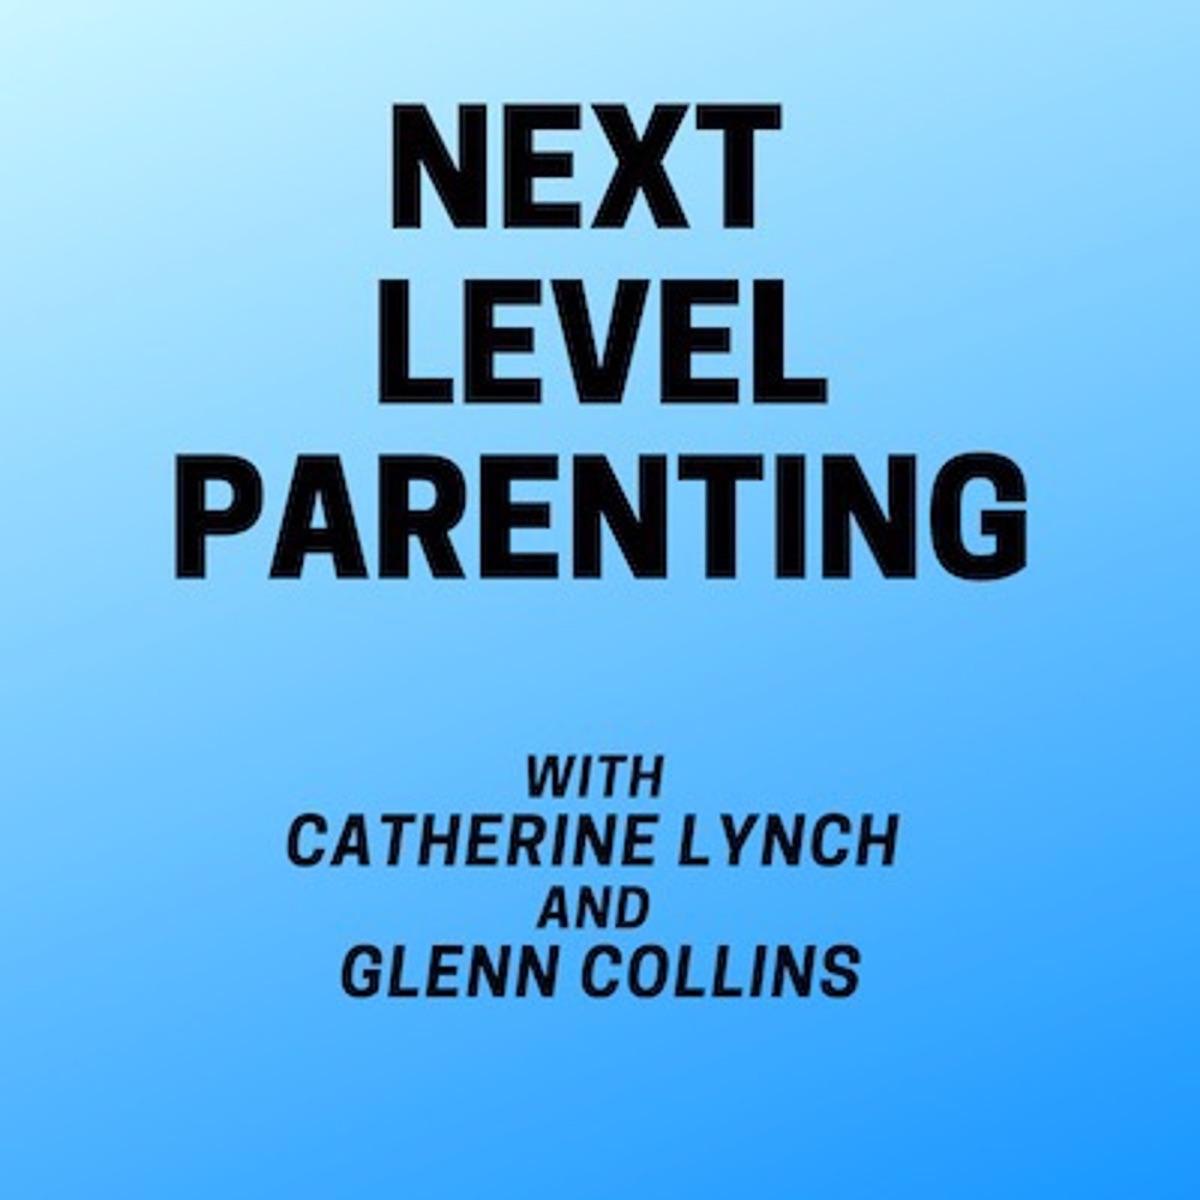 Next Level Parenting